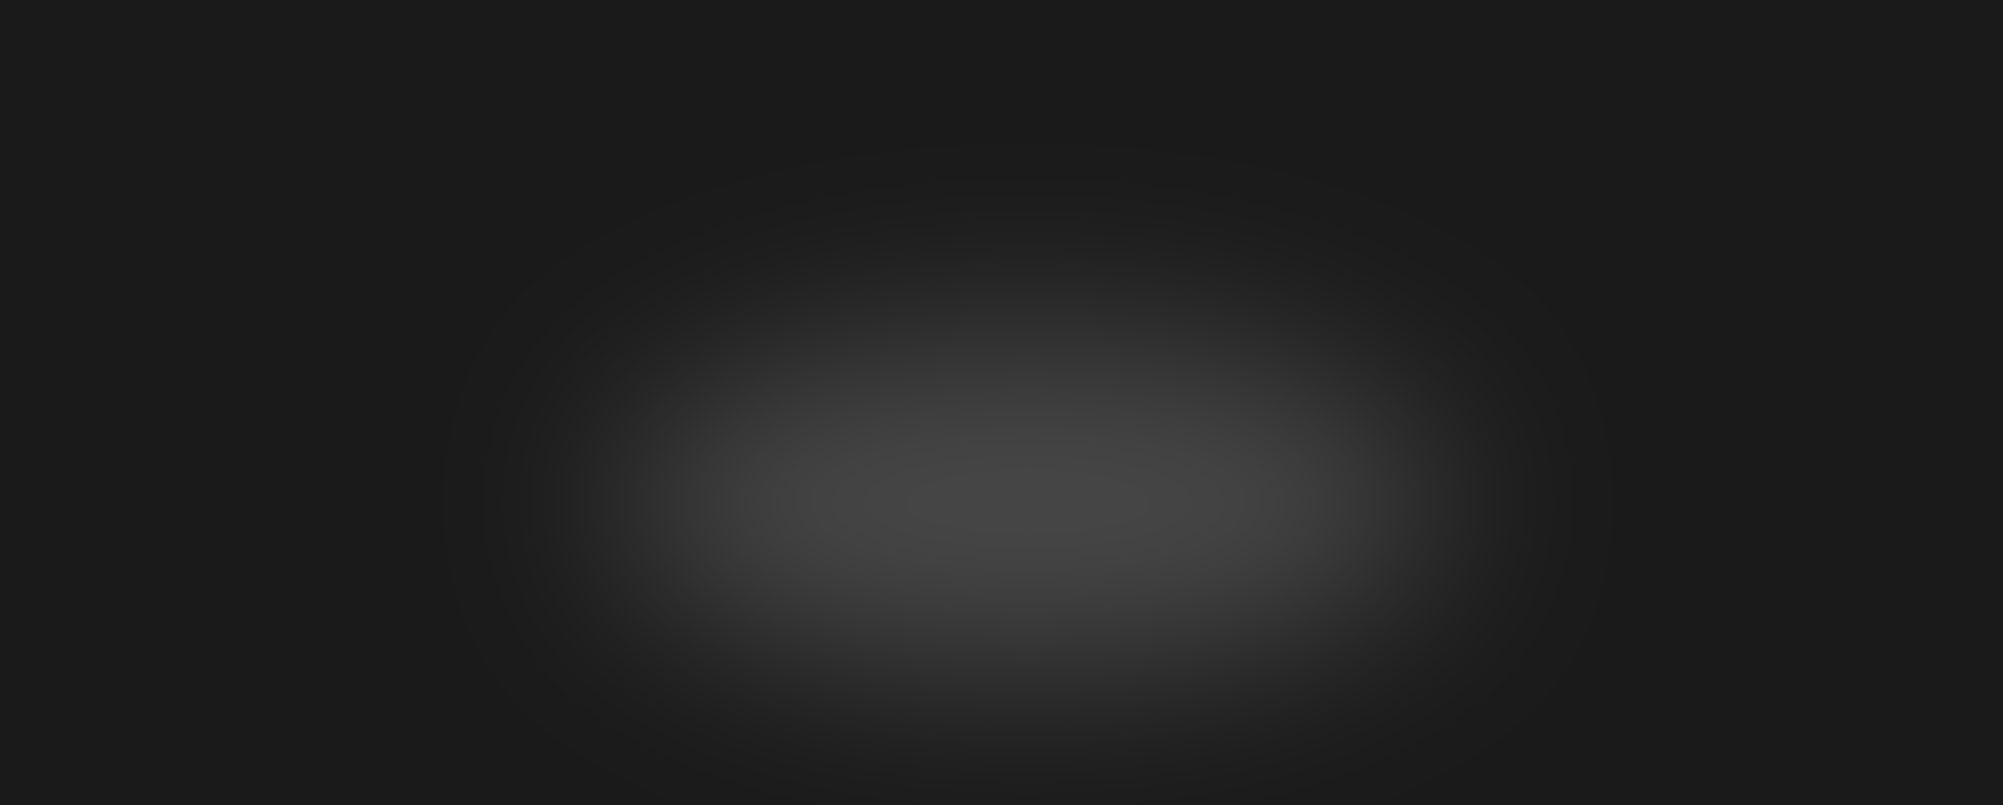 940纳米红外灯,夜视拍摄距离达7米